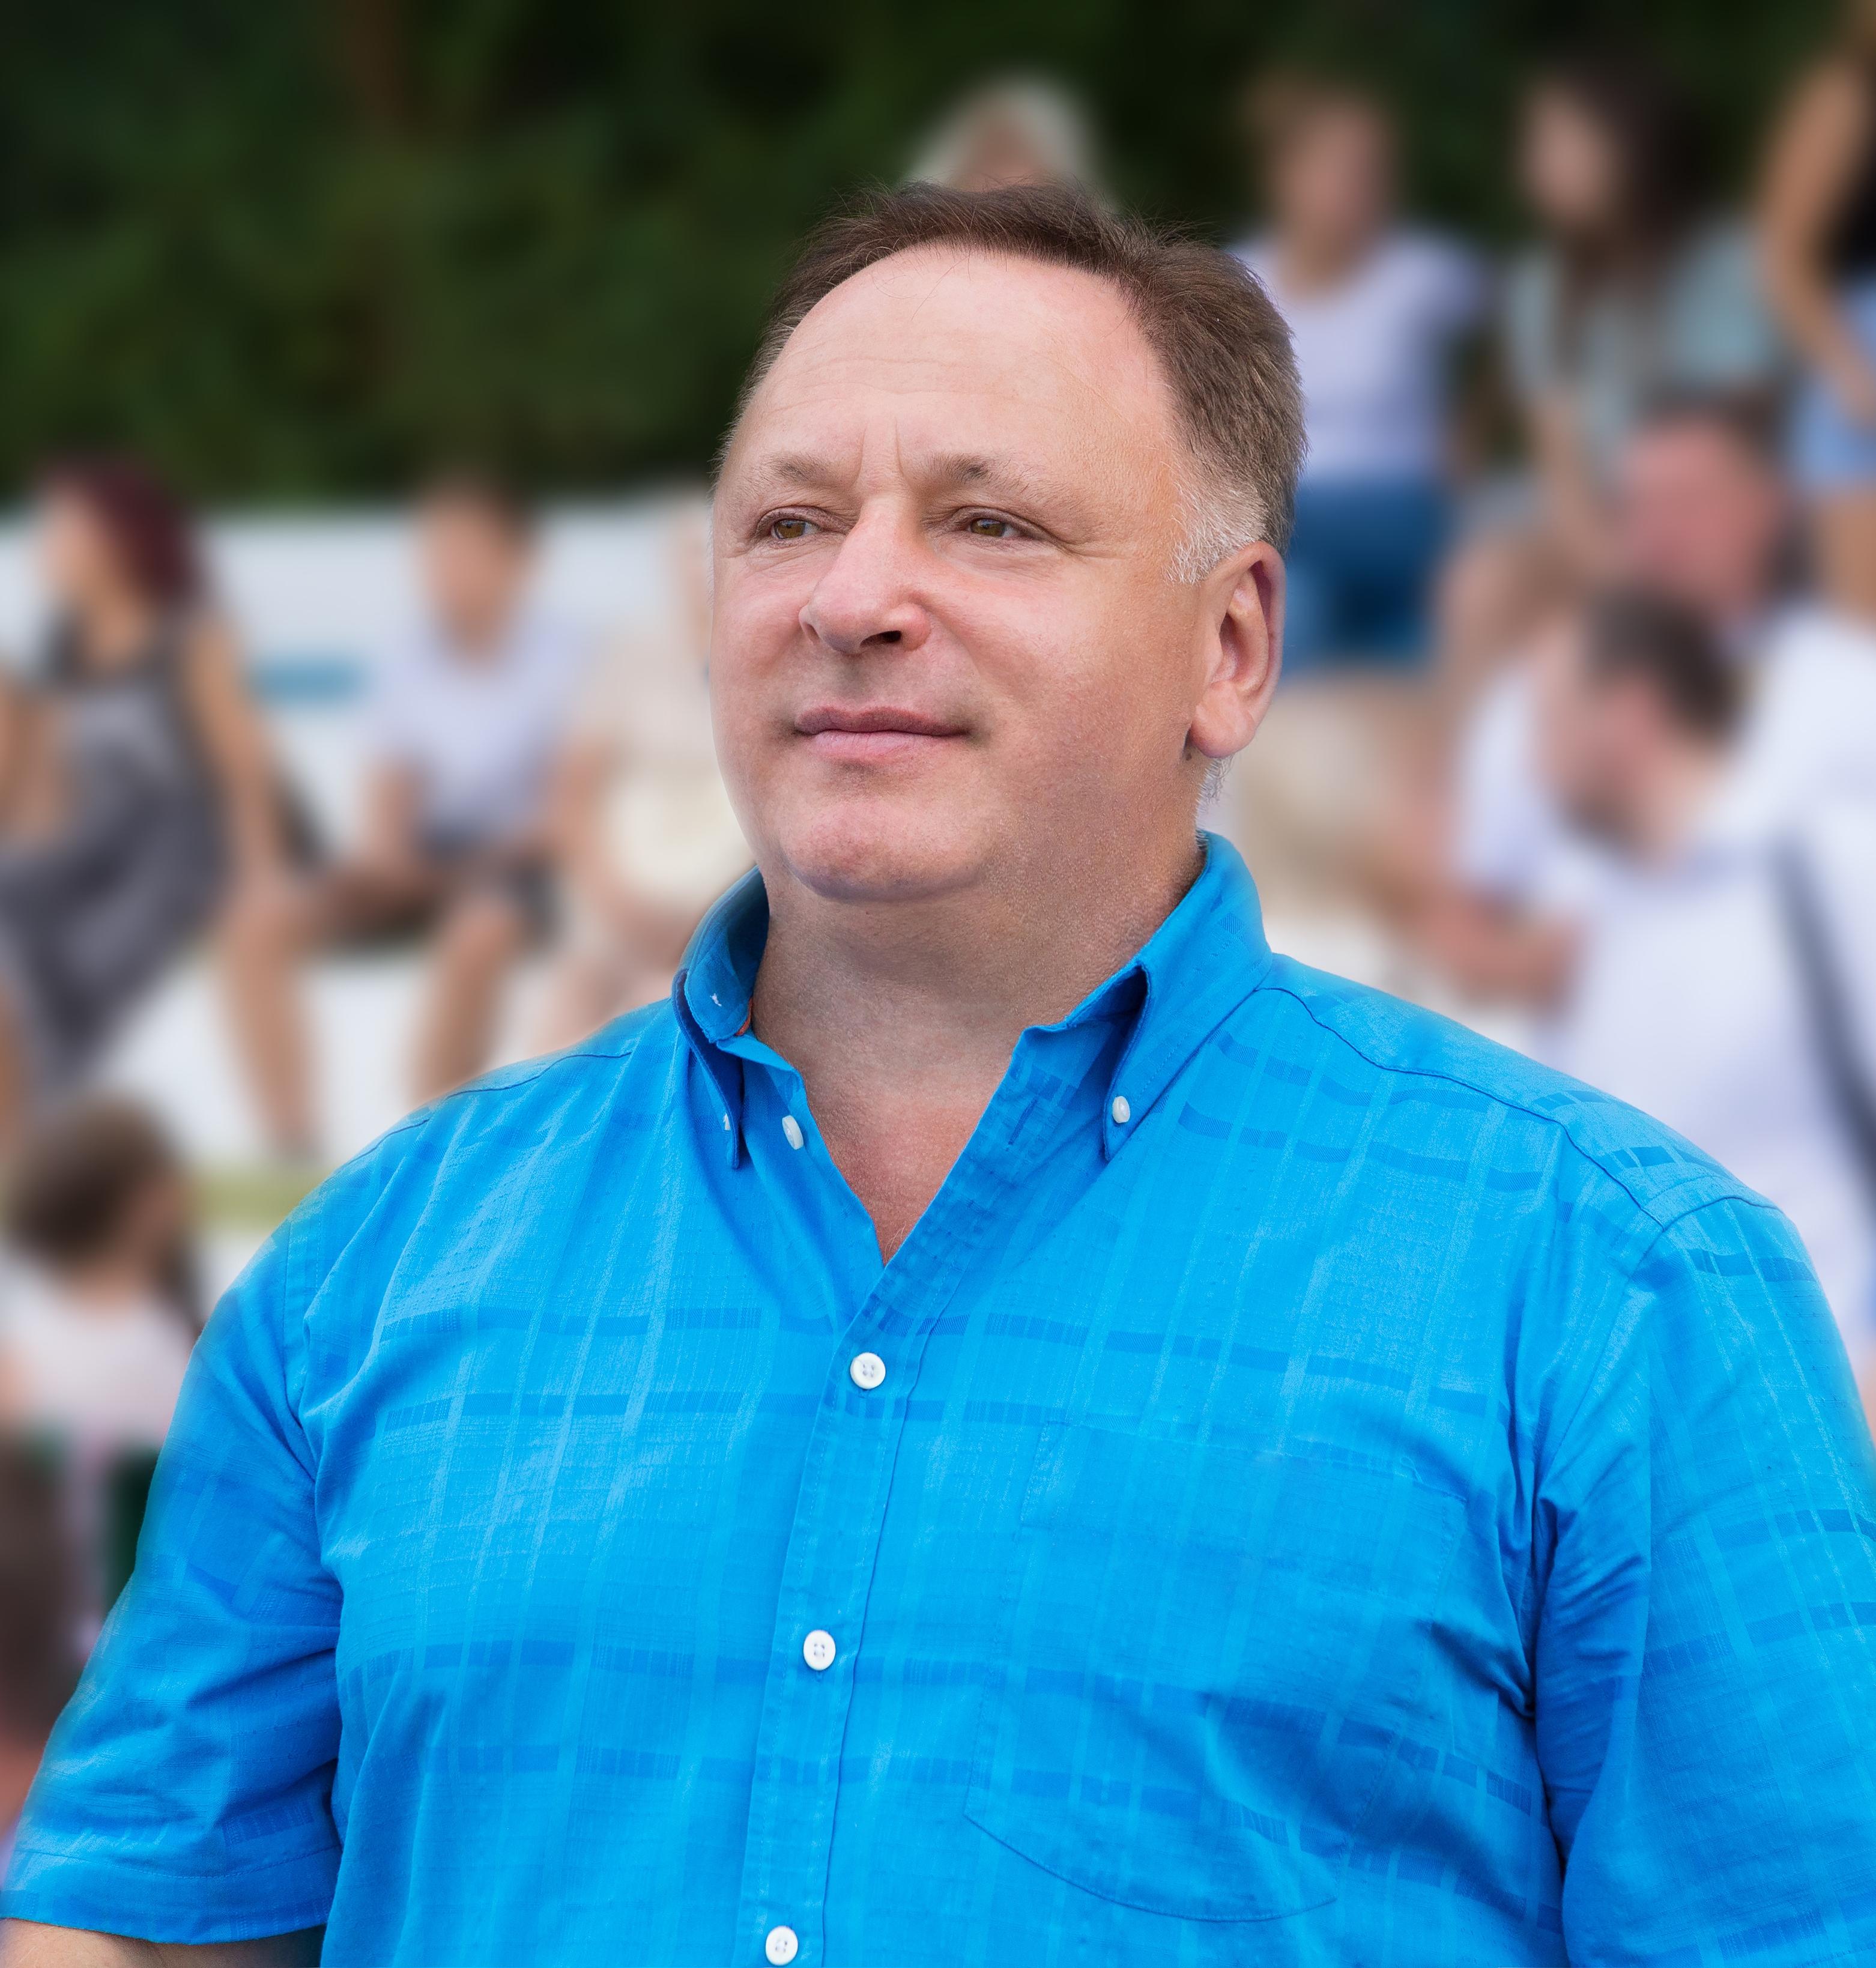 Олег Валенчук: Молодость -  это энергия, сила и развитие!